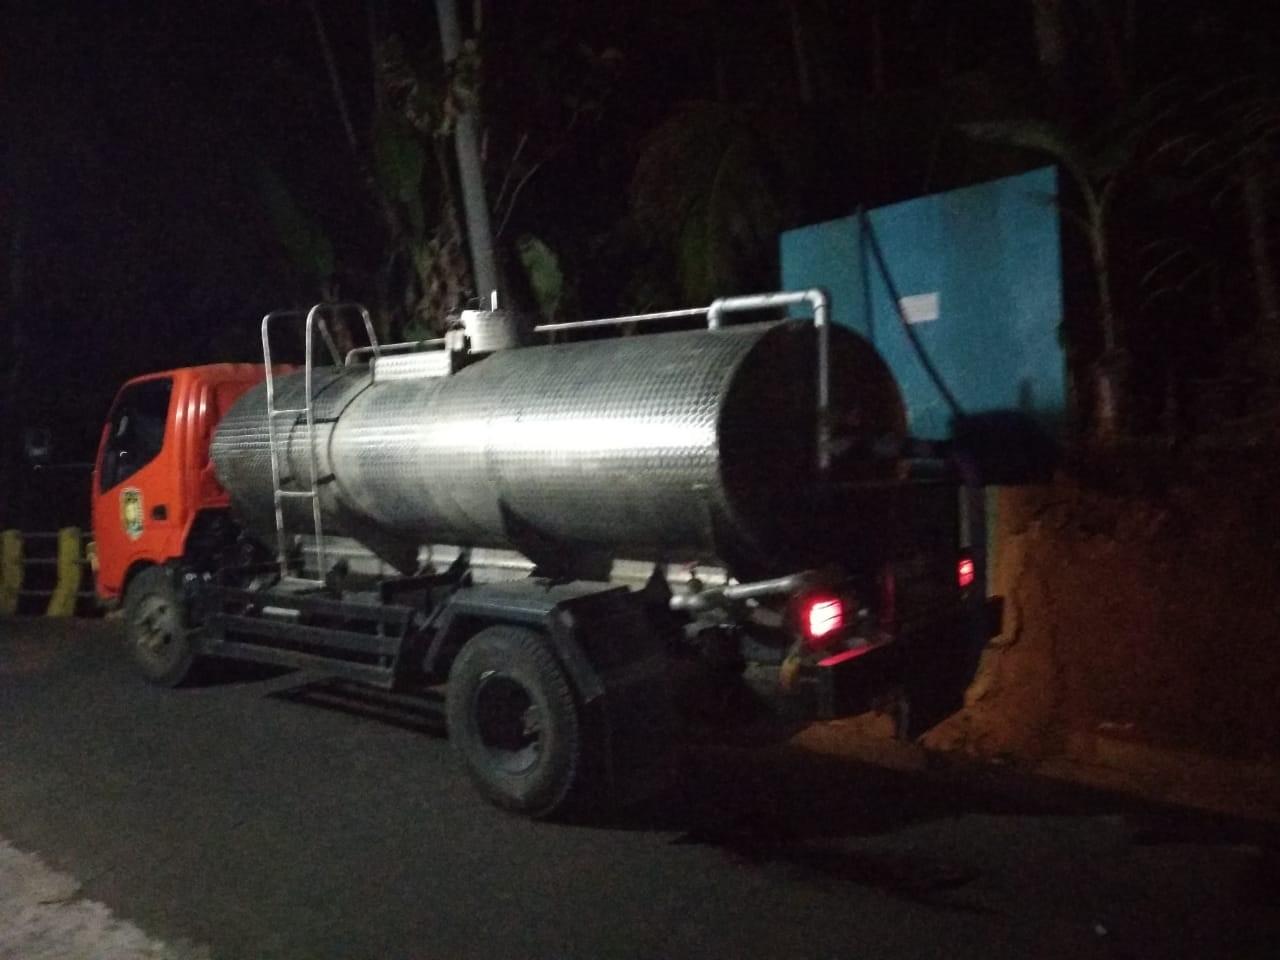 DISTRIBUSI BANTUAN AIR BERSIH HARI KE-85 DI DESA SUDIMORO